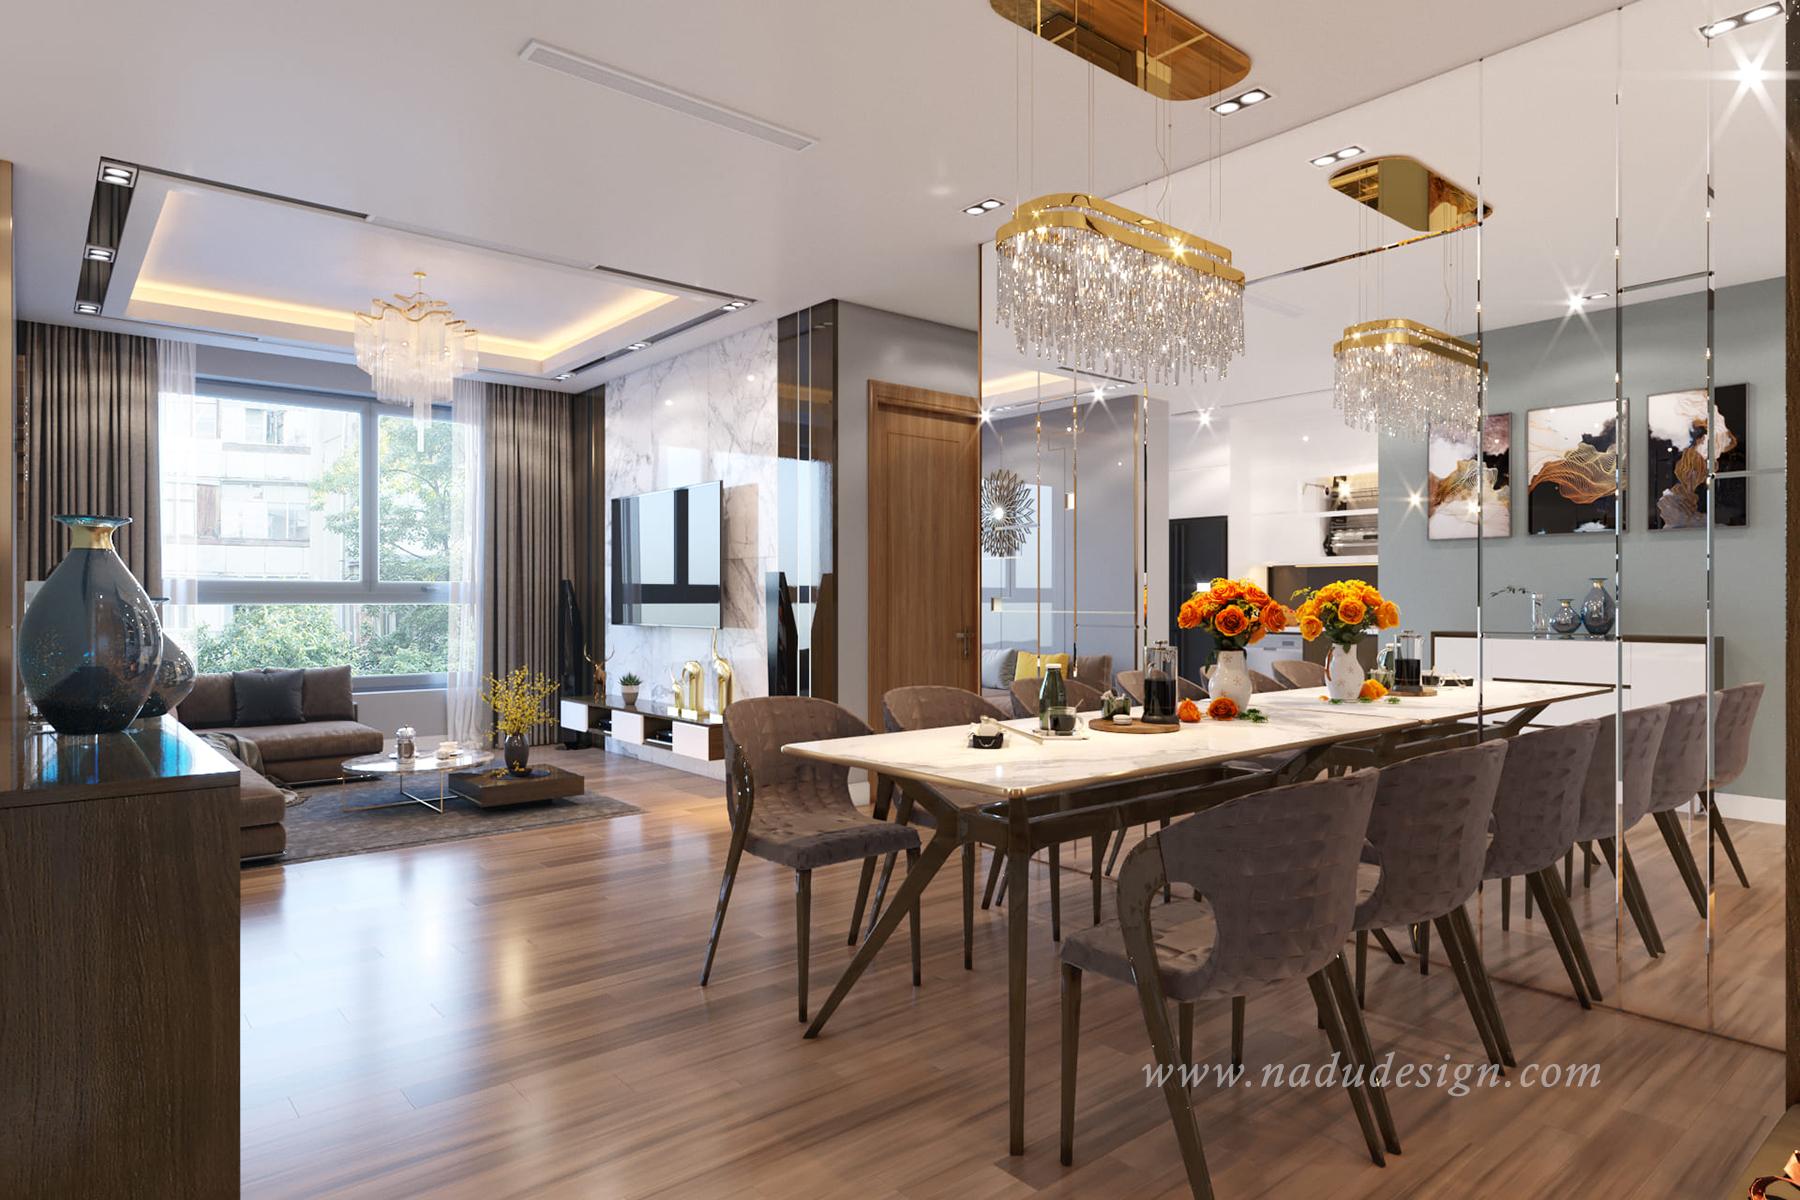 thiết kế thi công nội thất chung cư trọn gói cao cấp